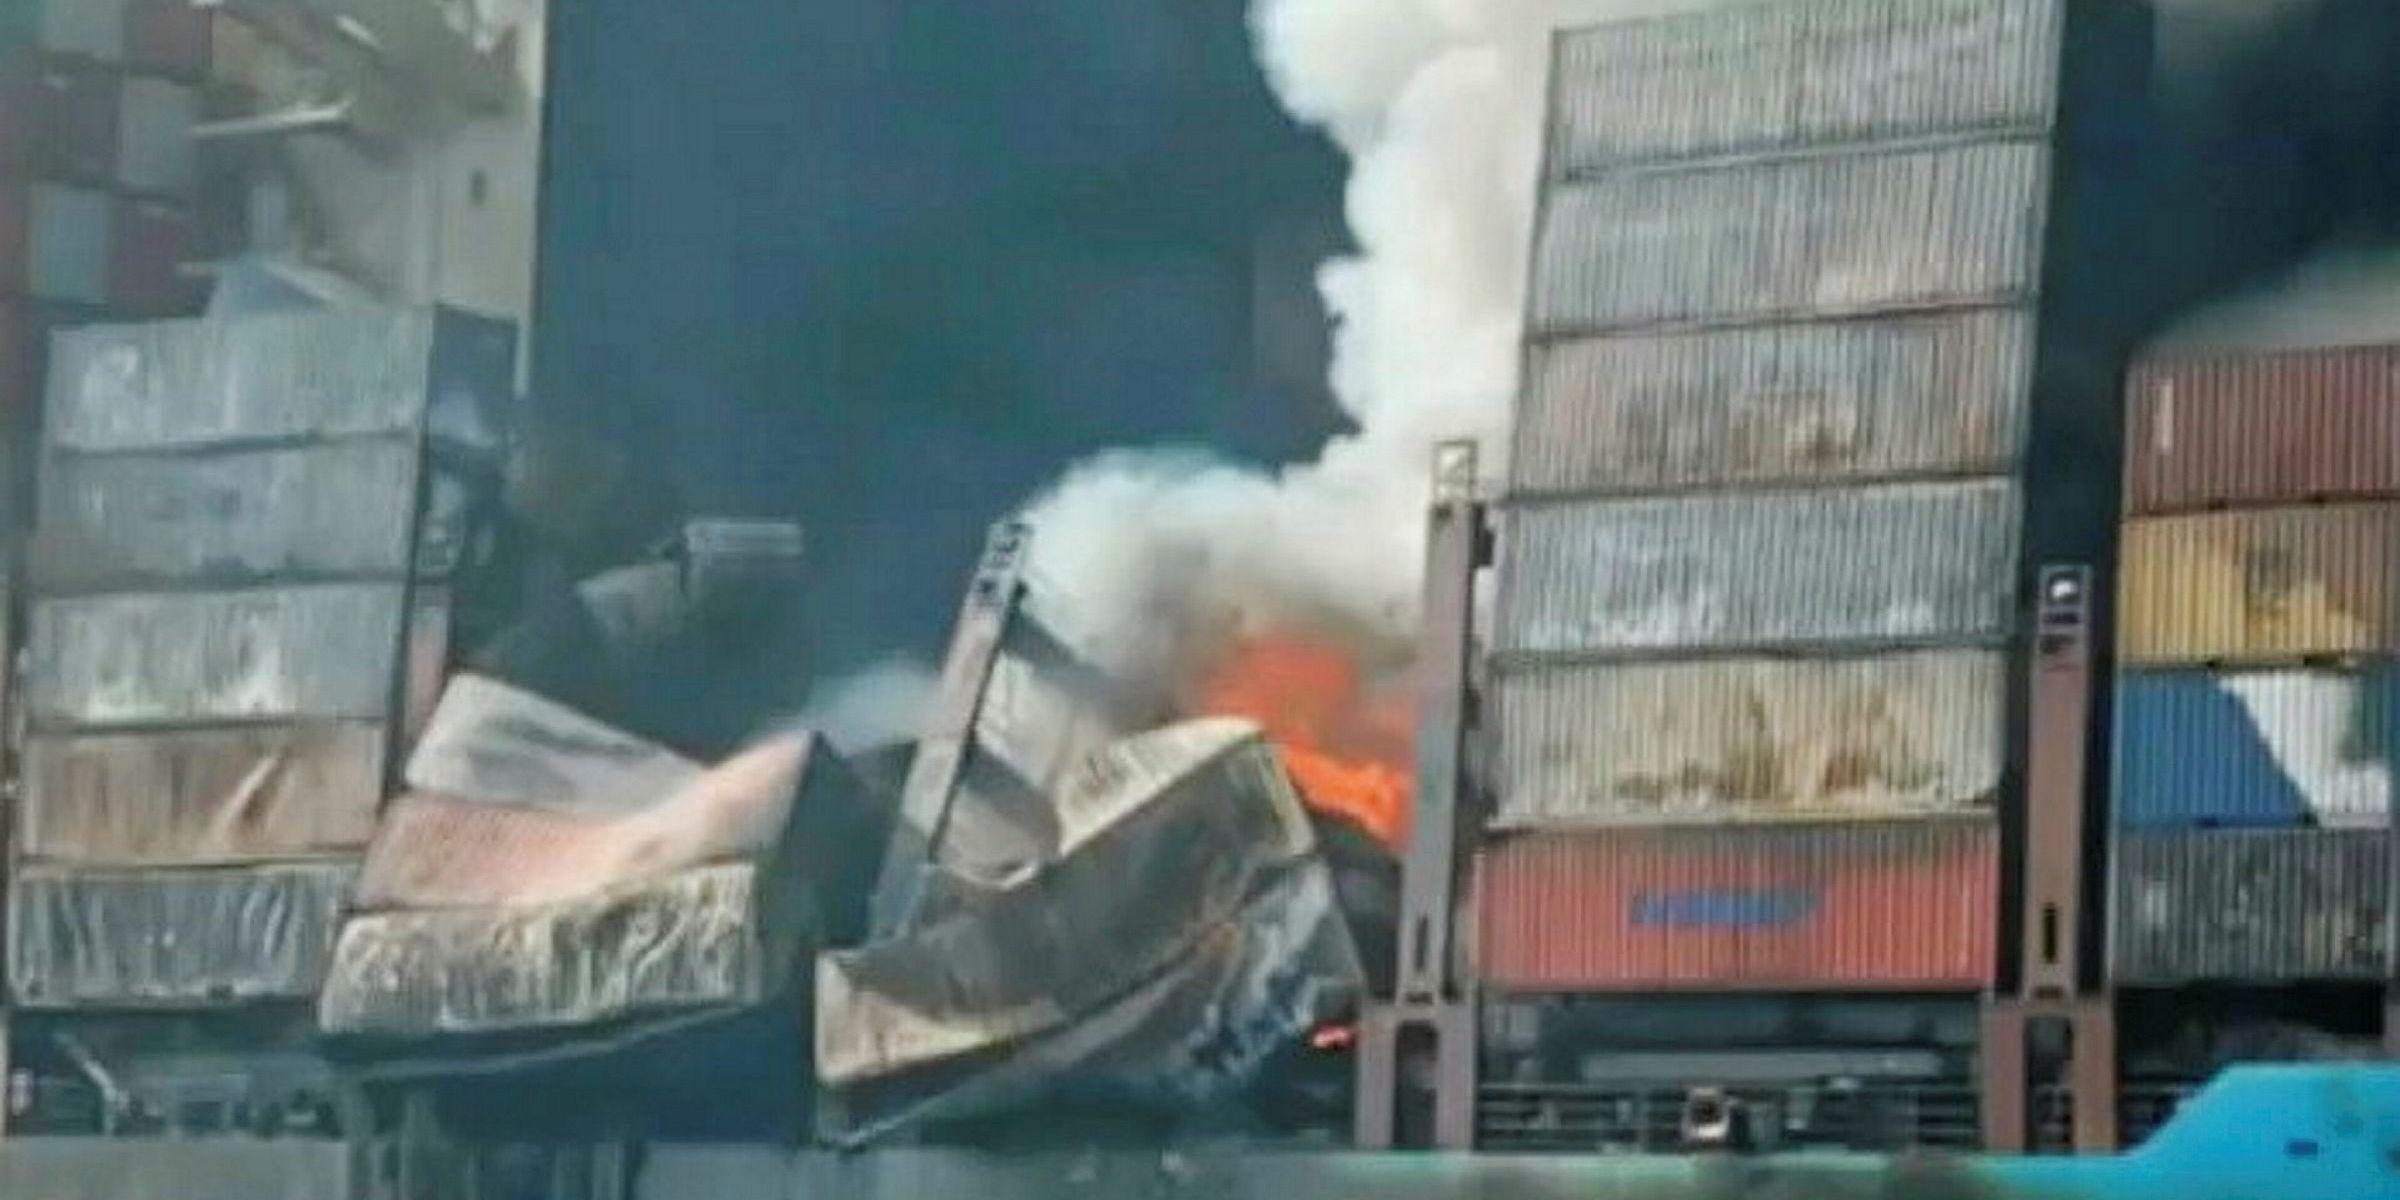 Salvors return damaged Maersk Honam to owner | TradeWinds